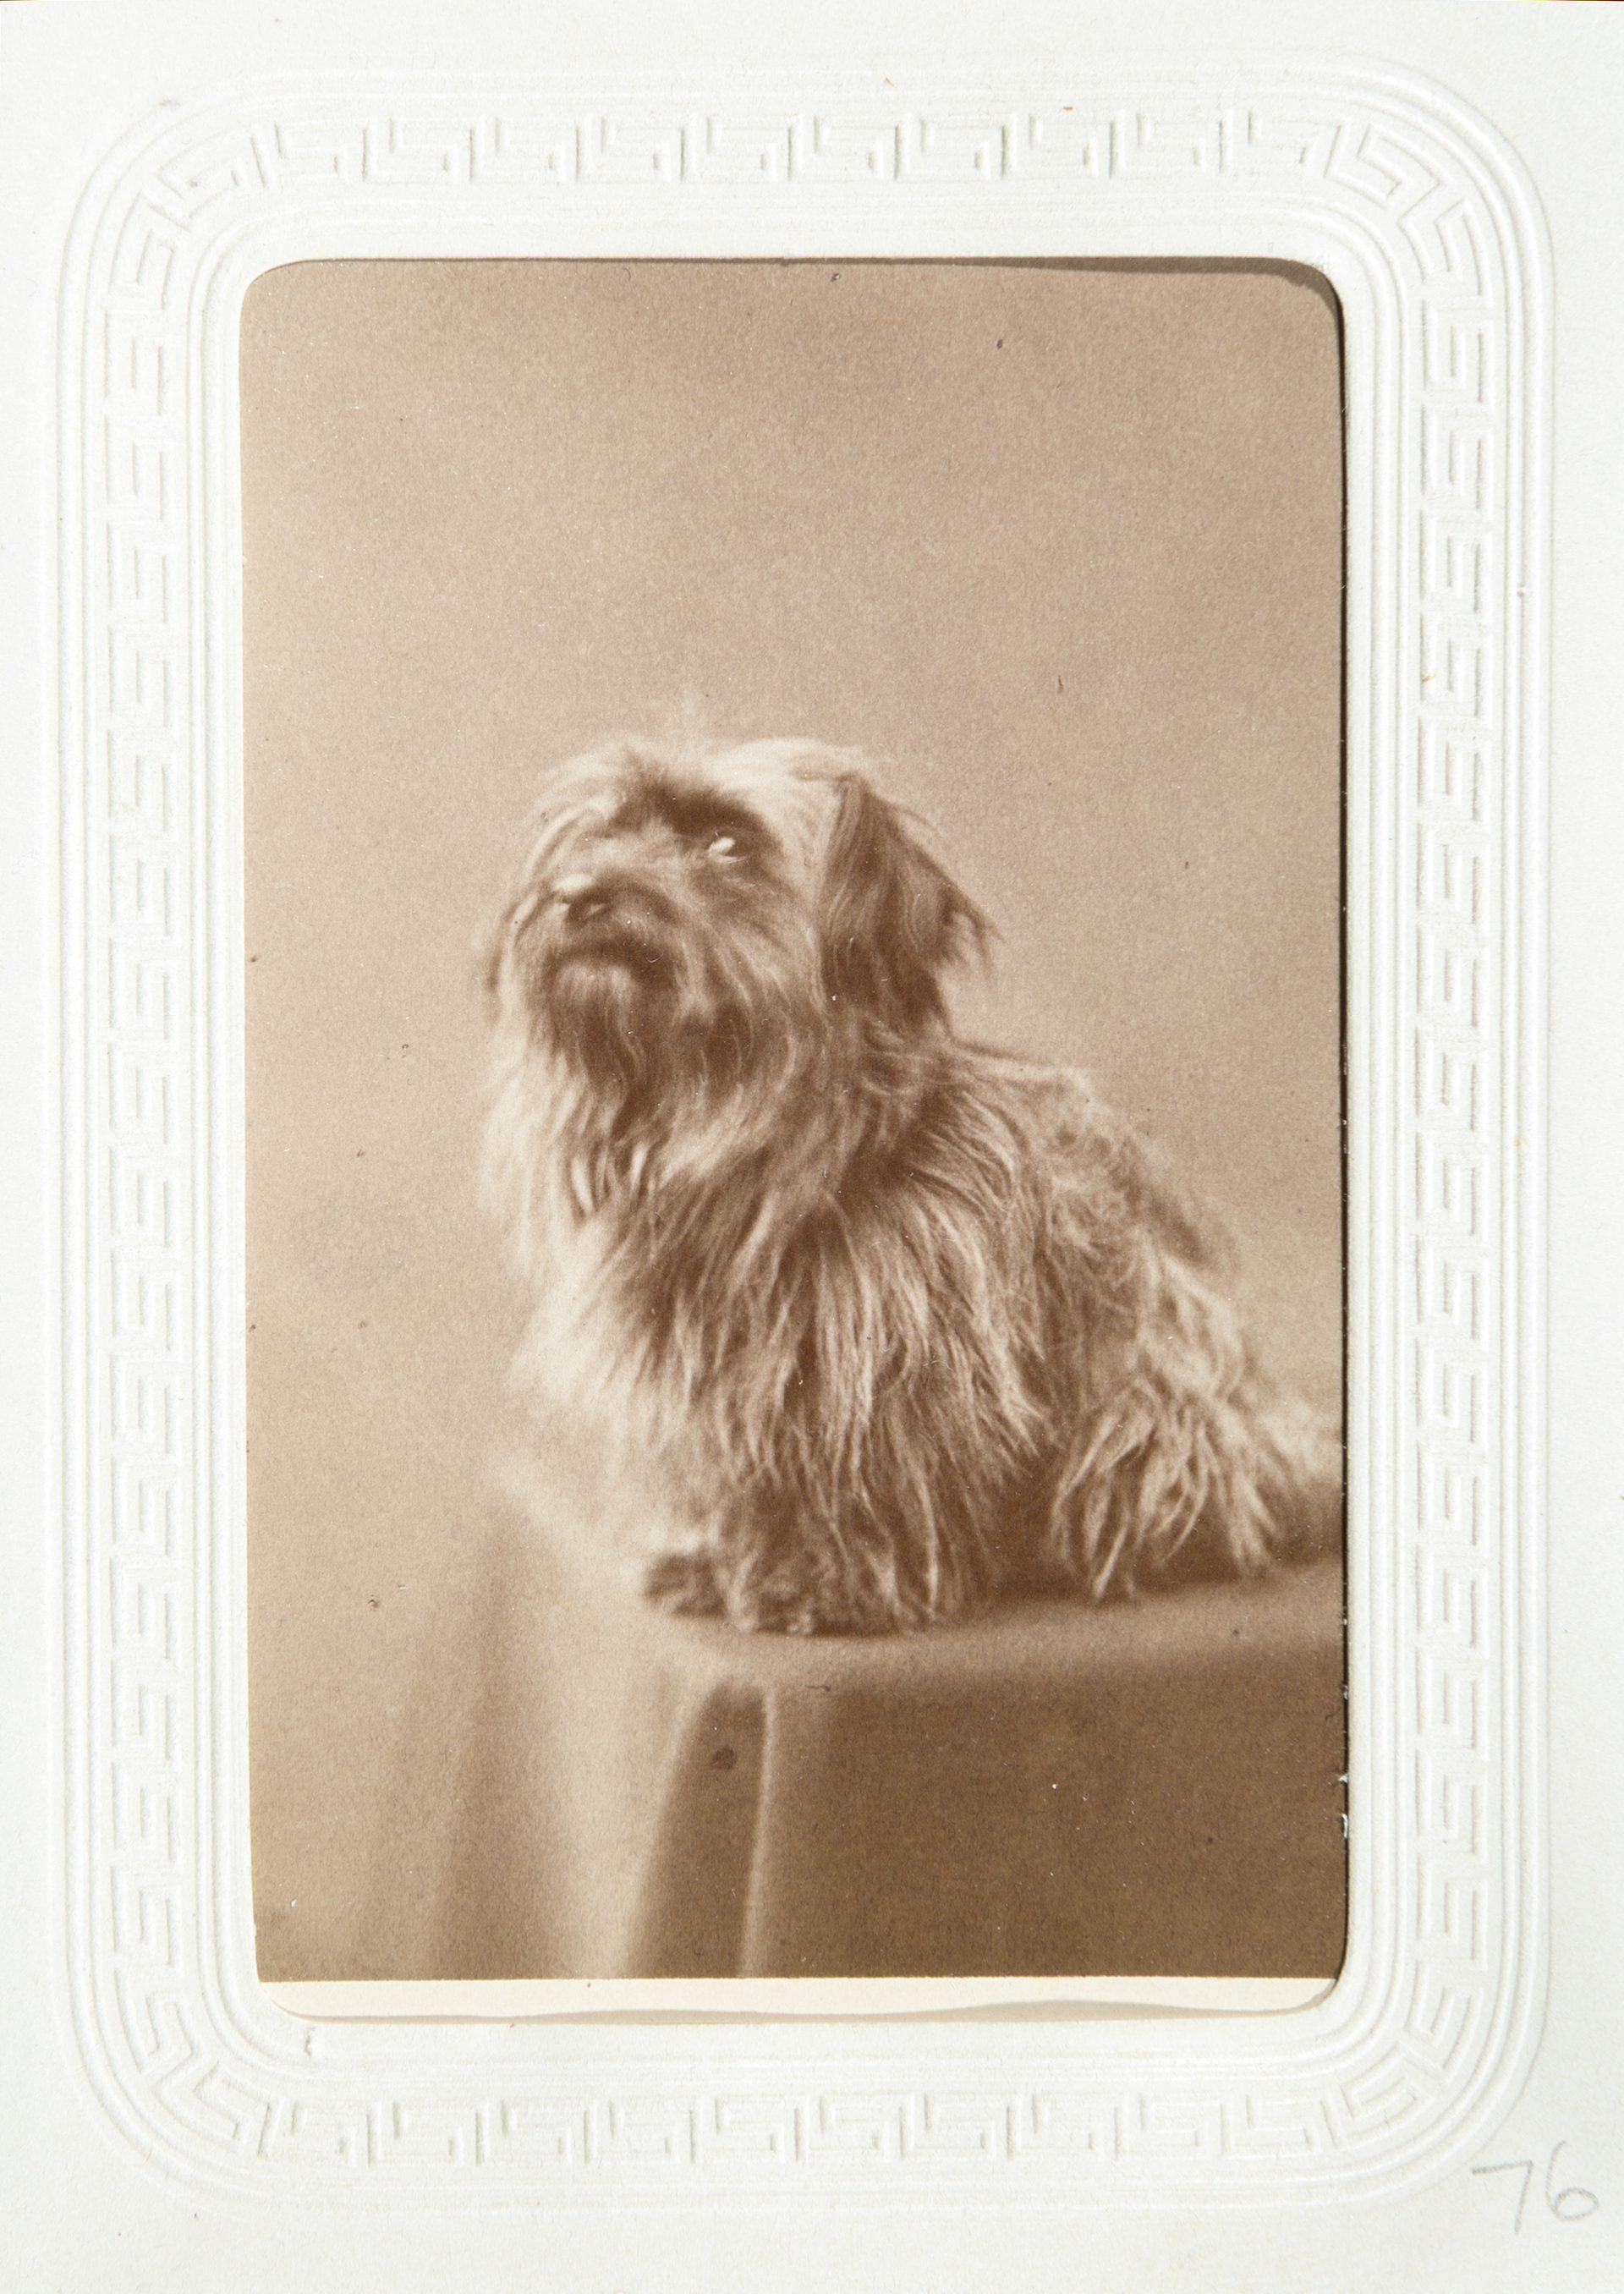 Ett gammalt foto av en hund som tittar ilsket mot kameran.